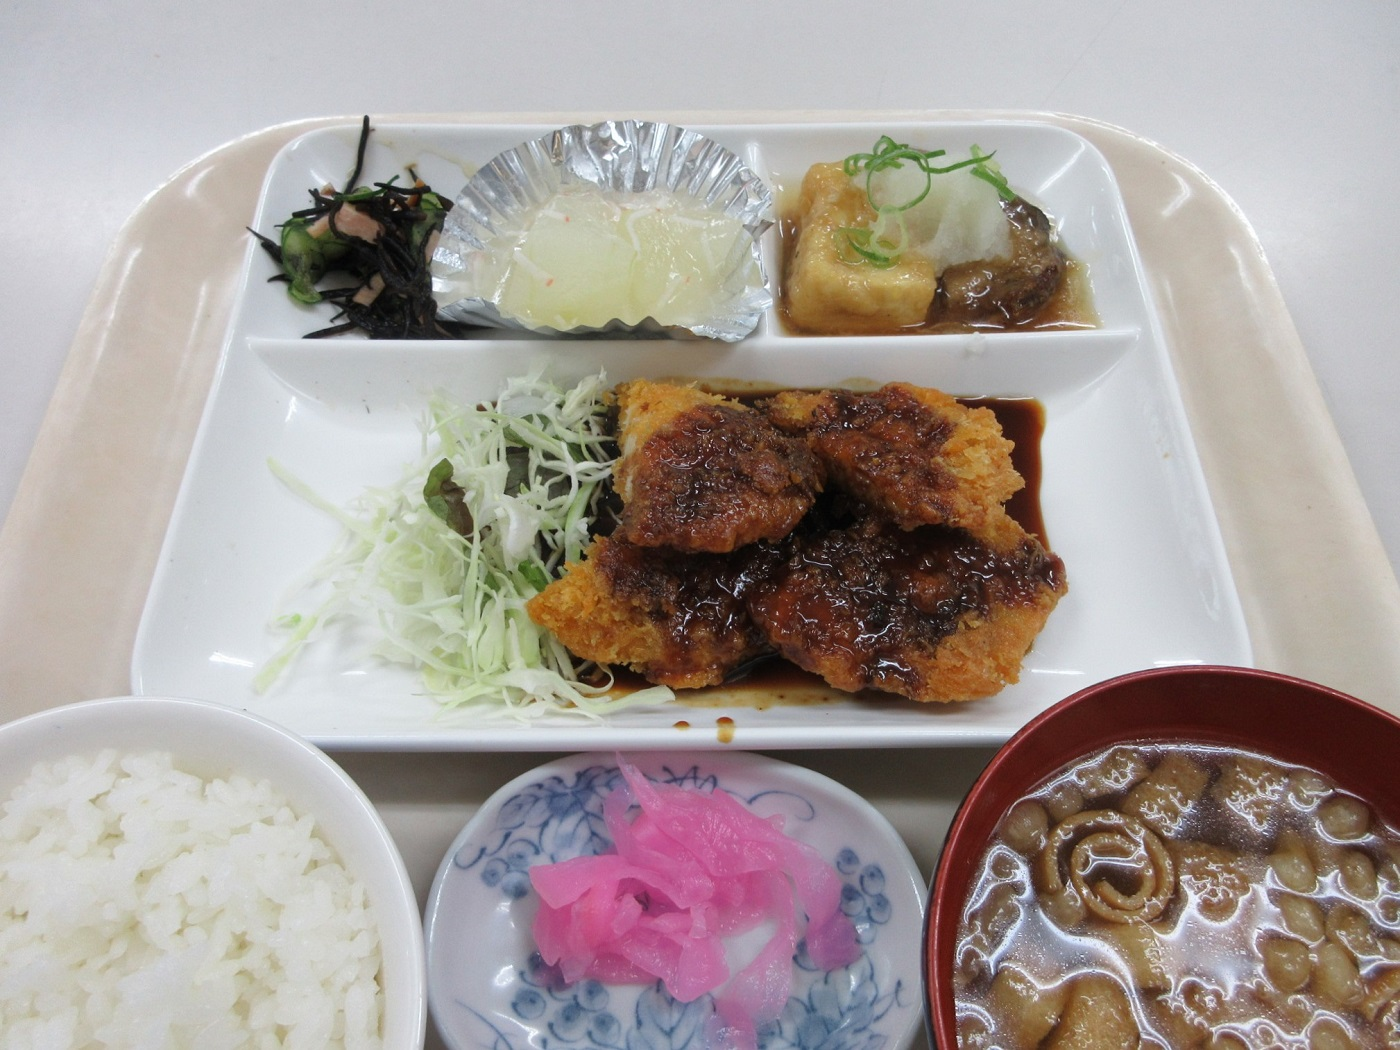 2020.8.24 (1) 六ツ美食堂 - チキンカツ定食 1400-1050